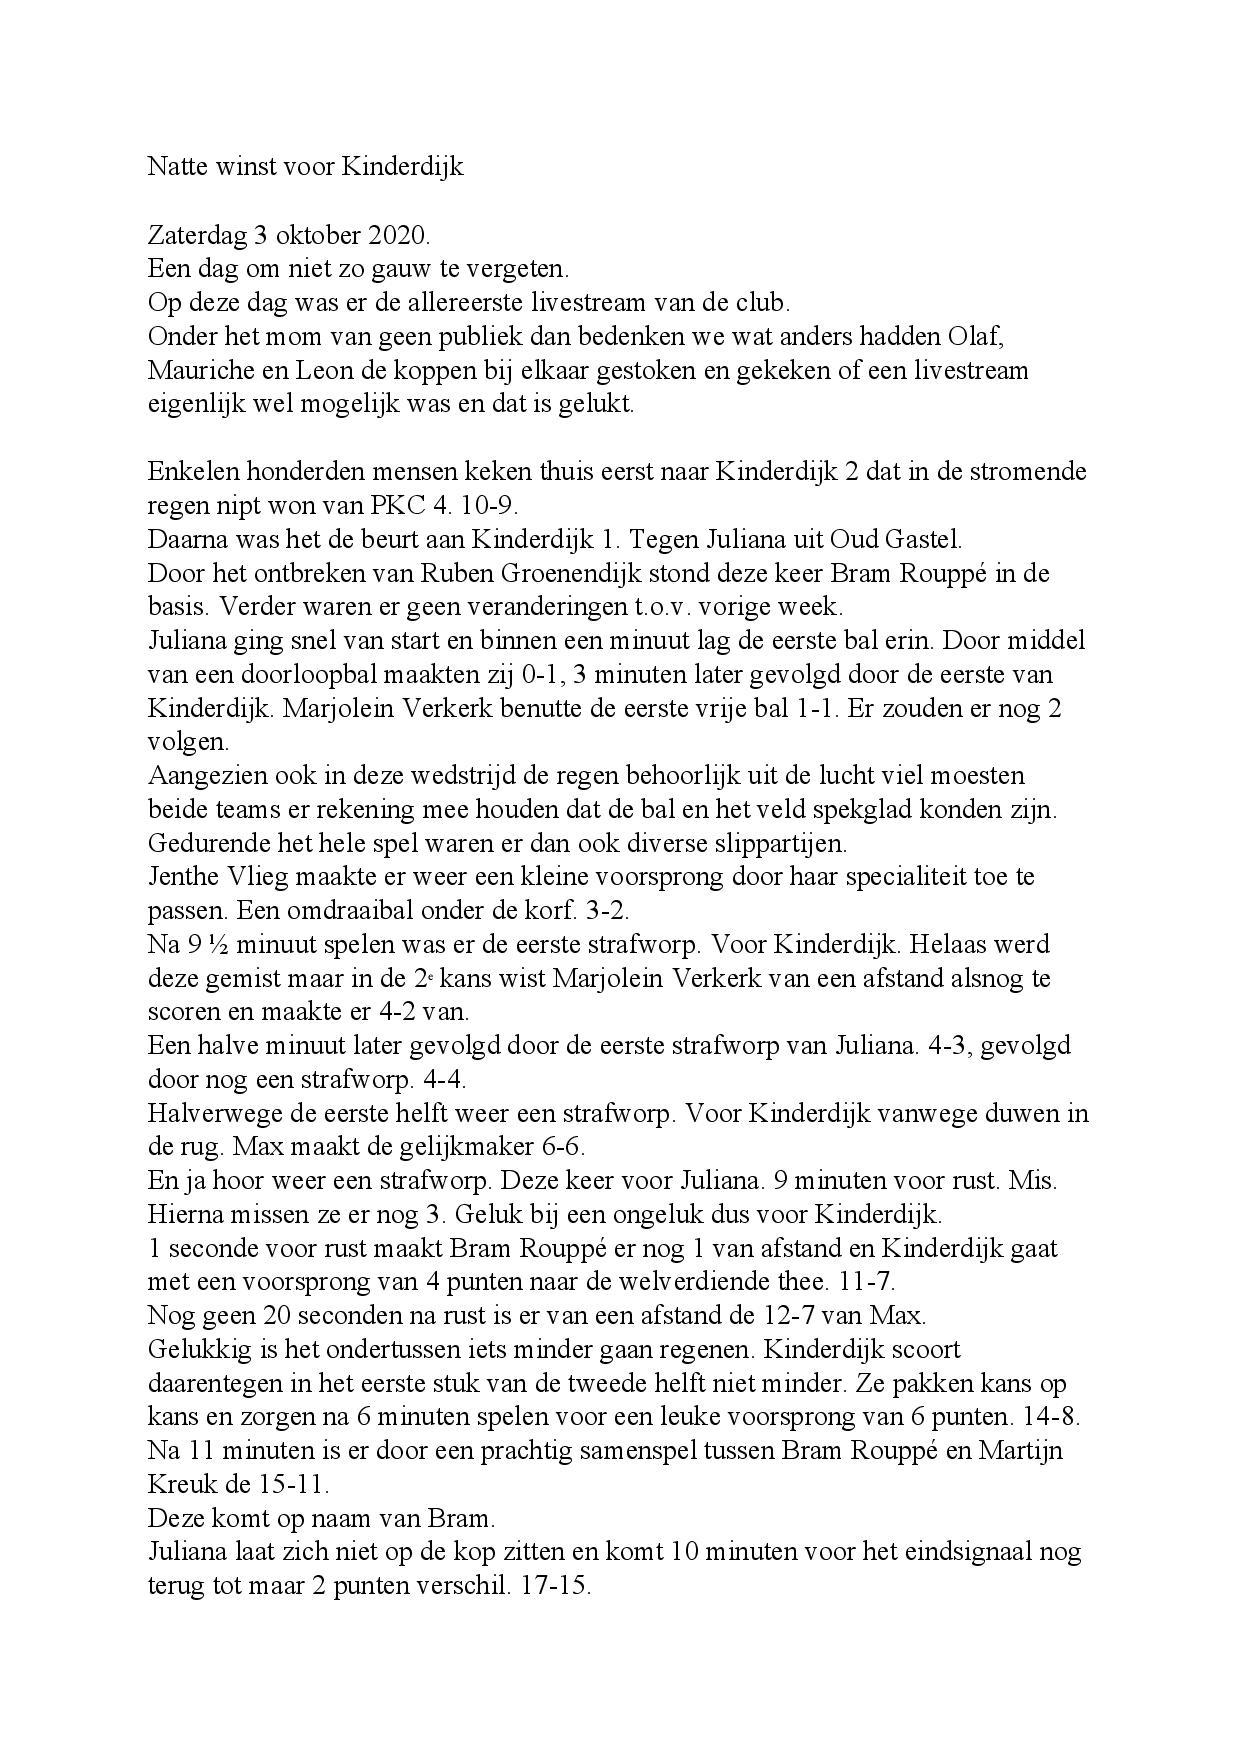 Wedstrijdverslag 03-10-2020 Kinderdijk - Juliana